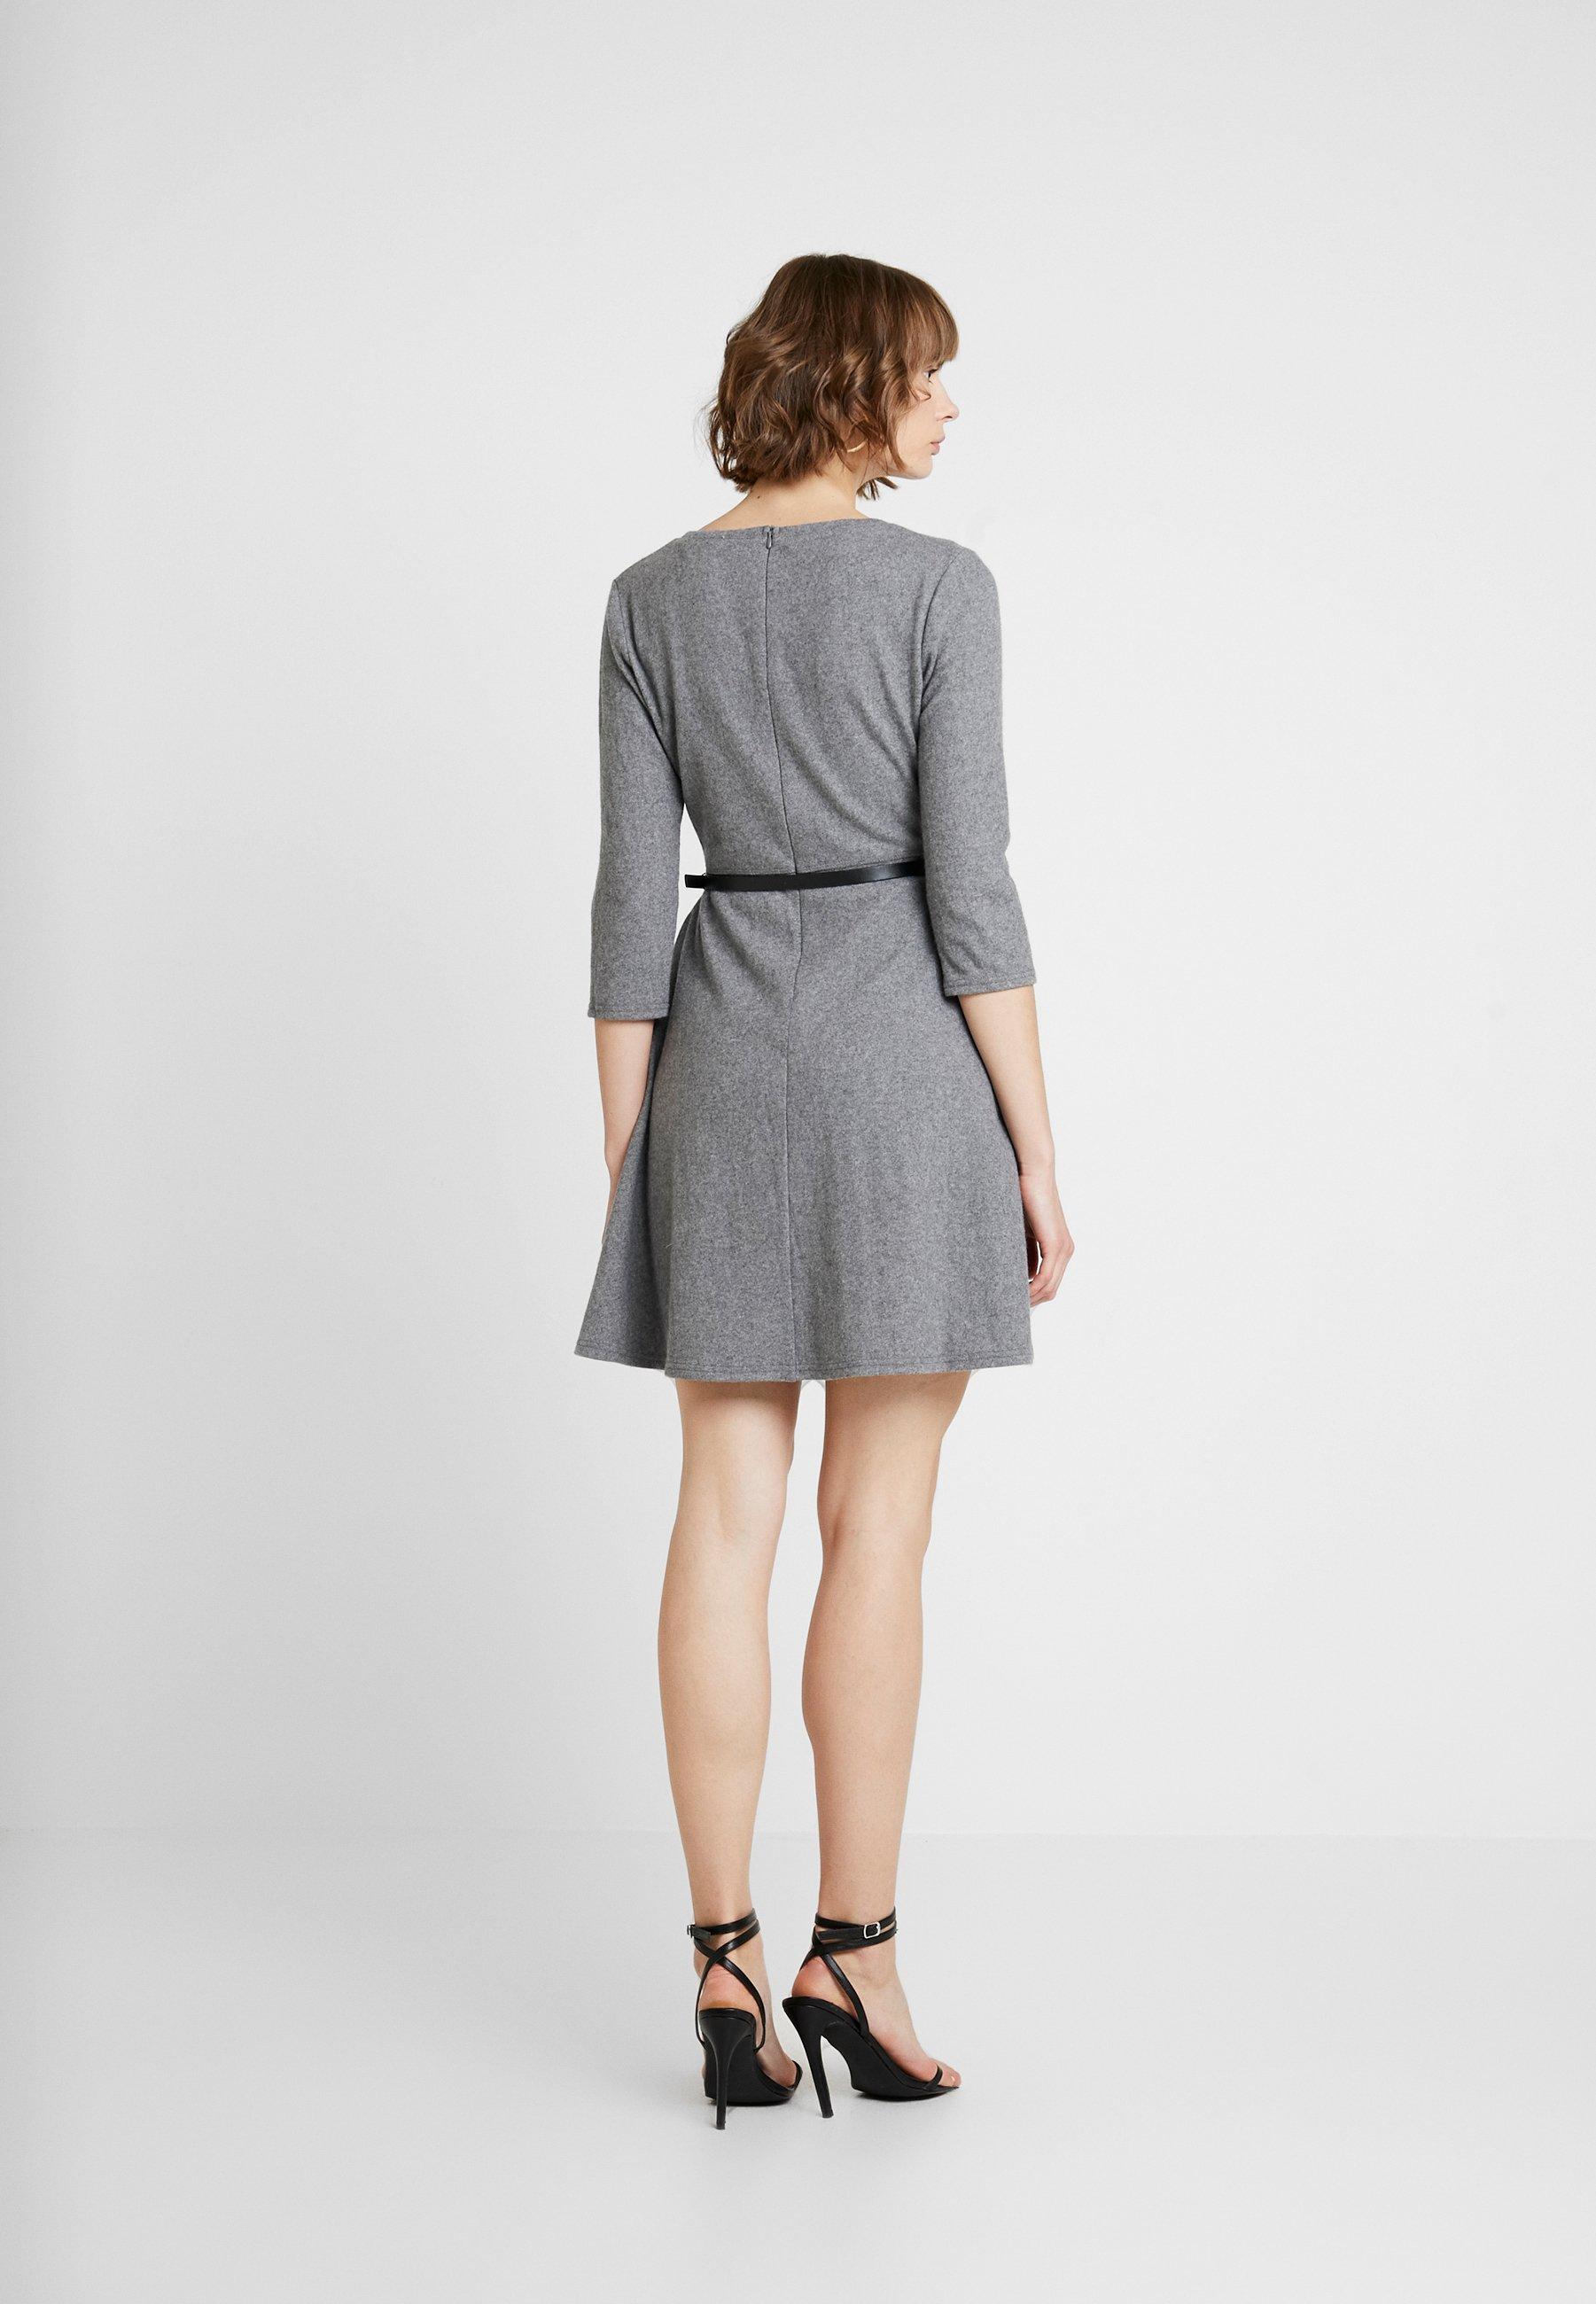 Molly Grey Pull Bracken Ladies DressRobe Yv7Ib6fgy